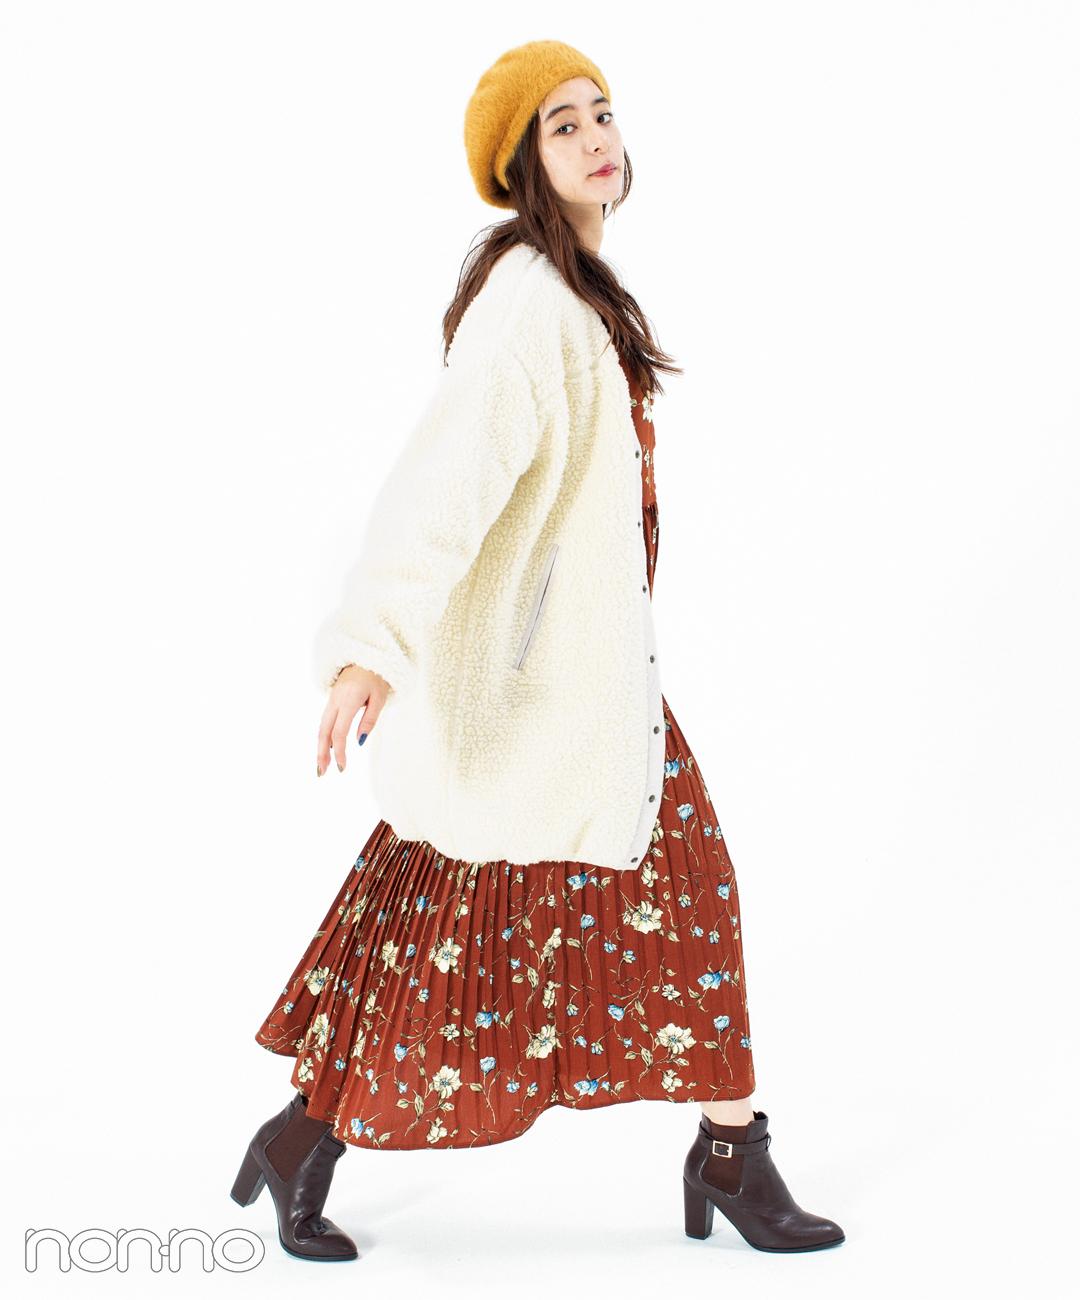 新木優子はボアアウターにワンピをインして甘めカジュアル【毎日コーデ】